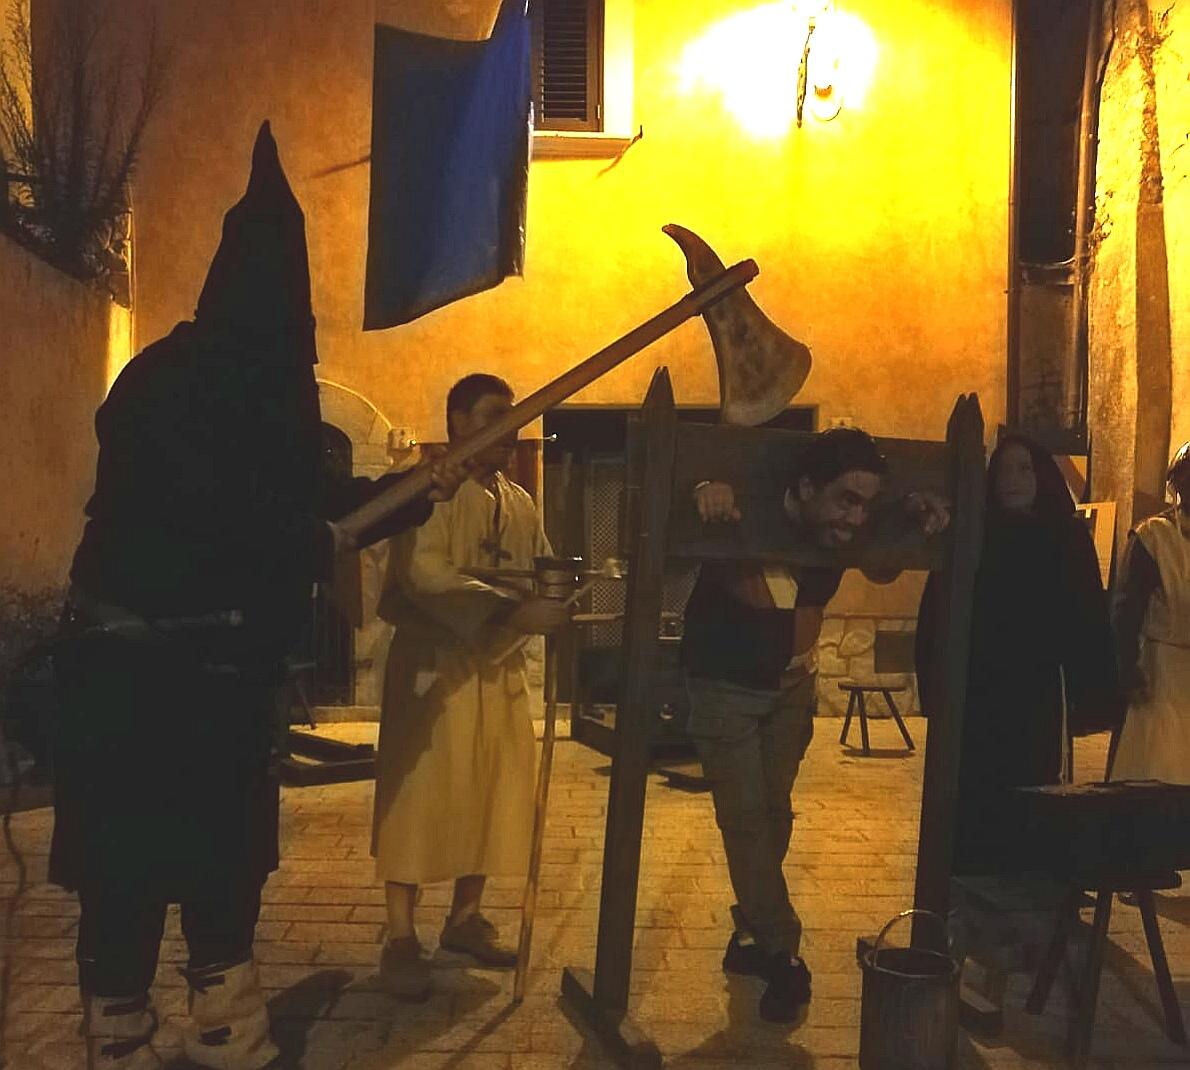 Fornelli, aperta la 24°esima edizione delle Giornate al Borgo. Il centro storico invaso da turisti e curiosi.